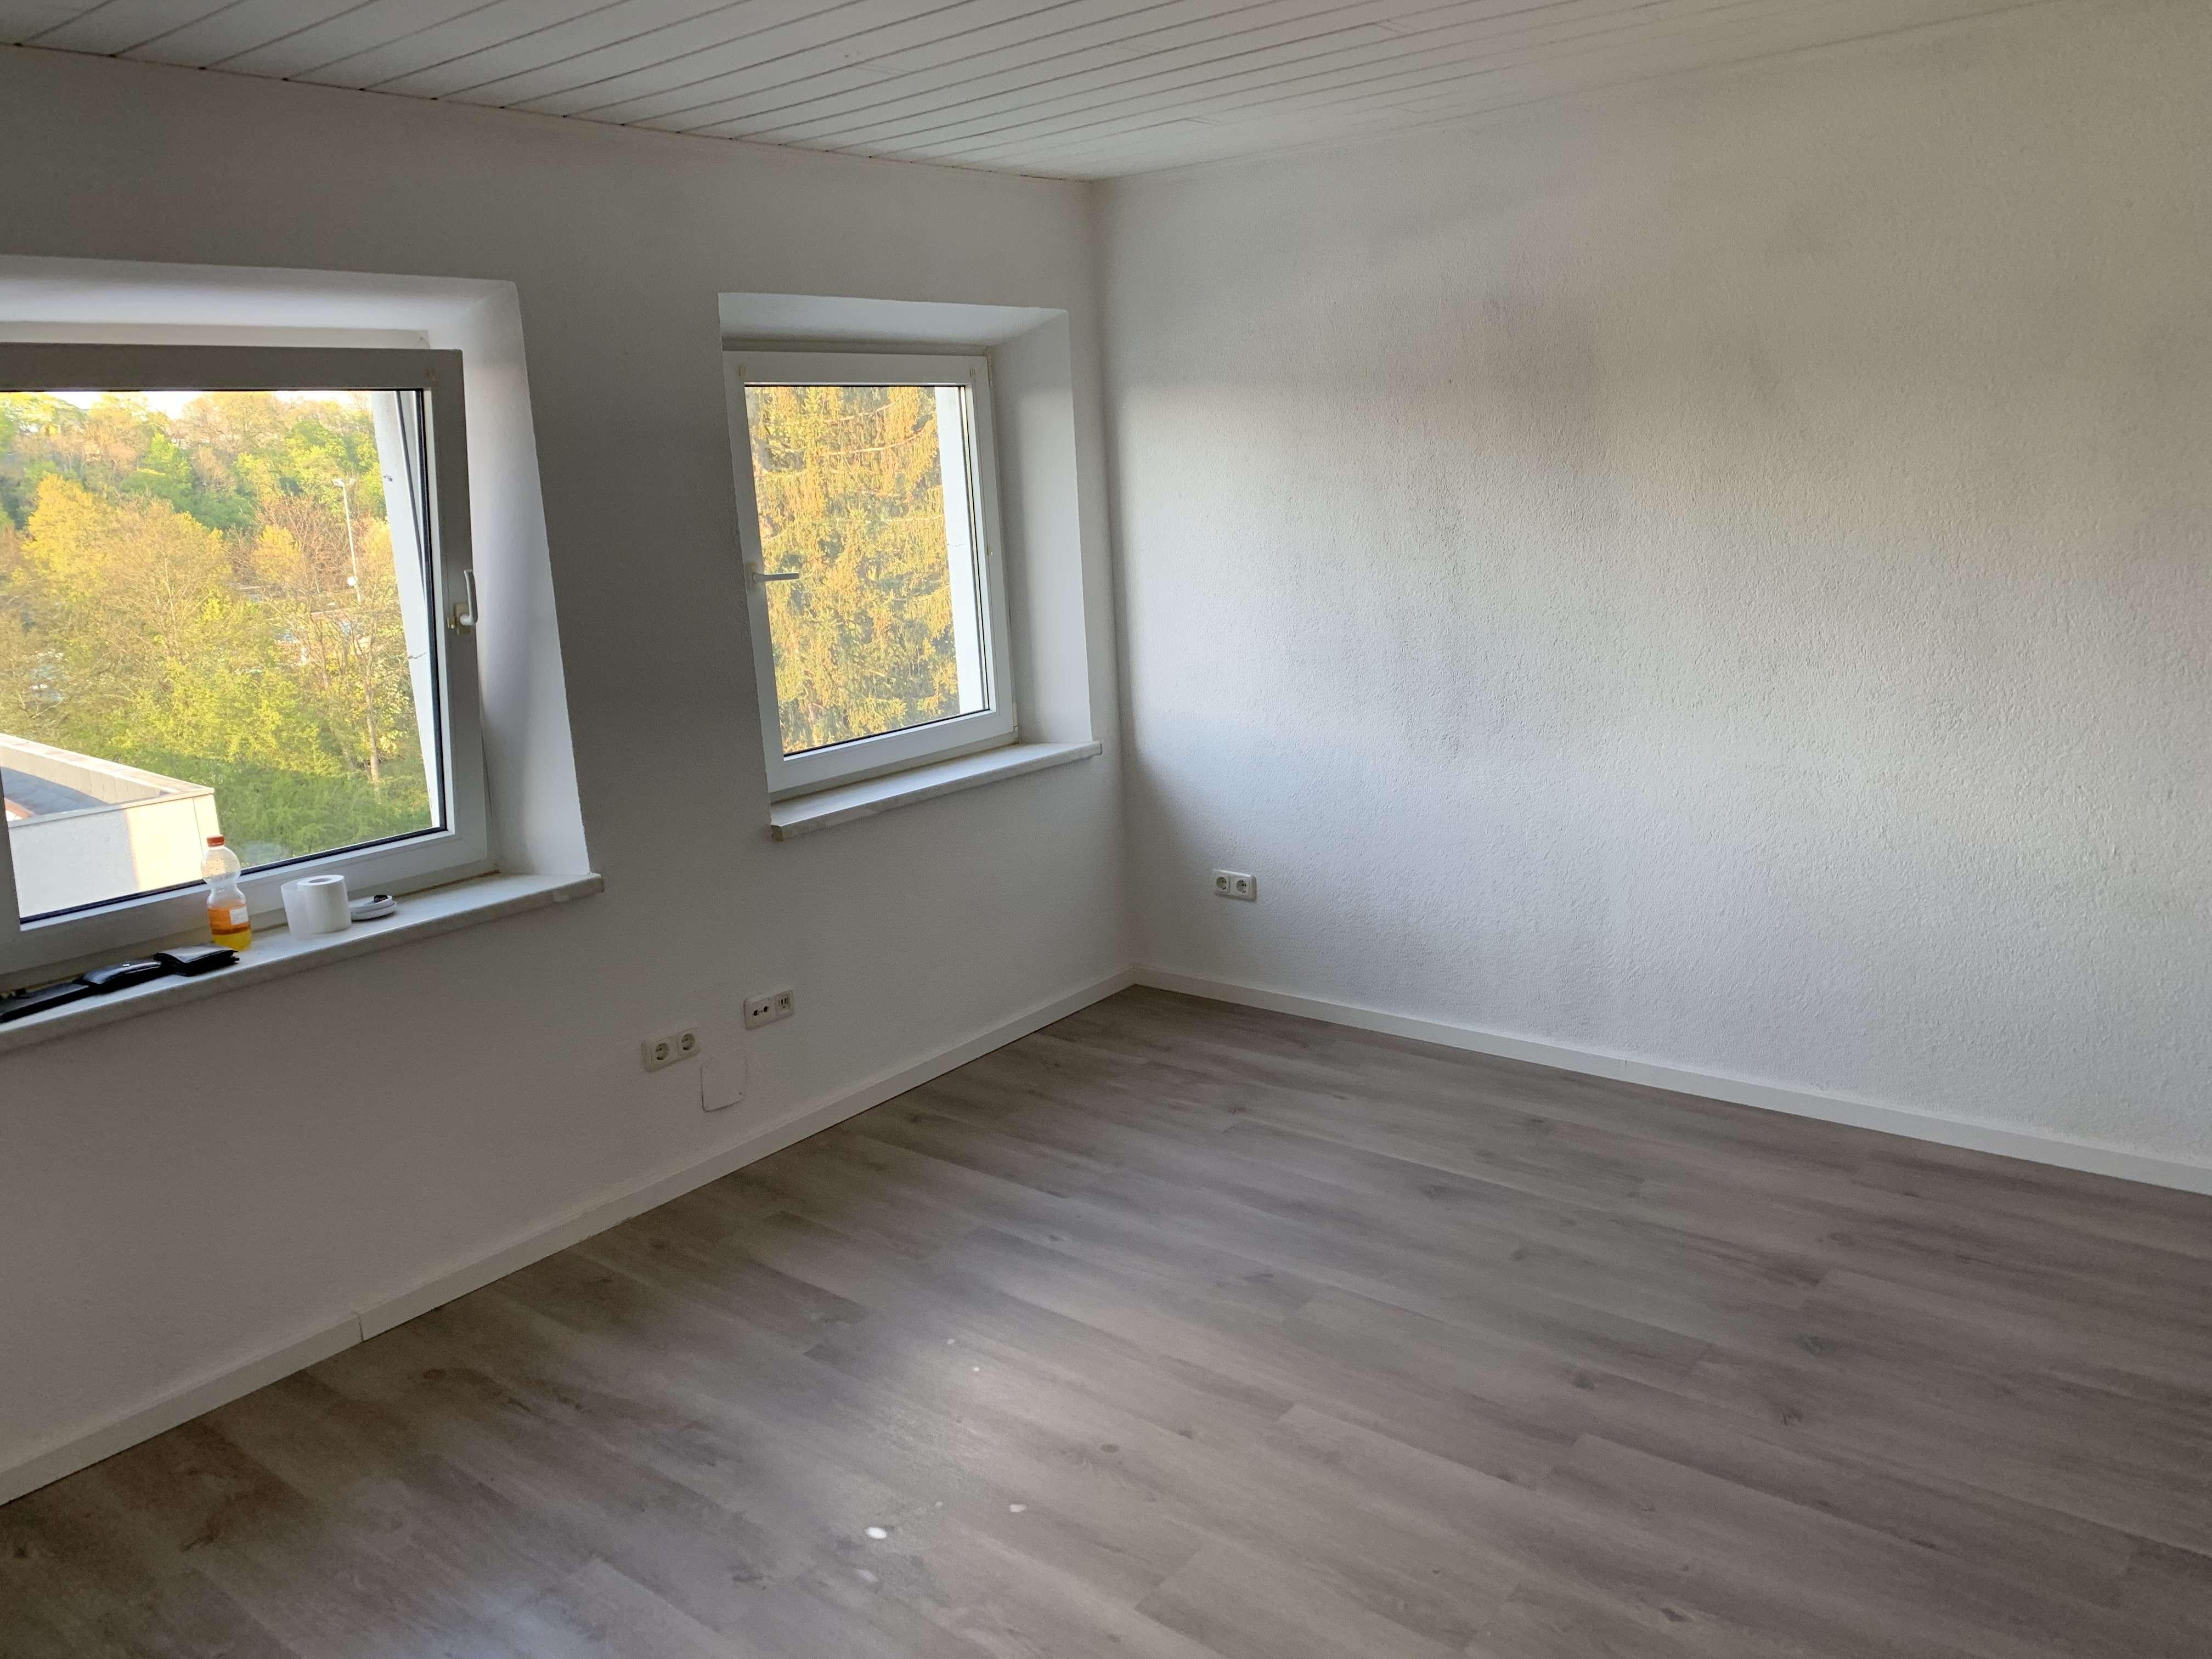 - - - Top SANIERTE 2-Zimmer-Wohnung in Hof inkl. neuer EINBAUKÜCHE - - - in